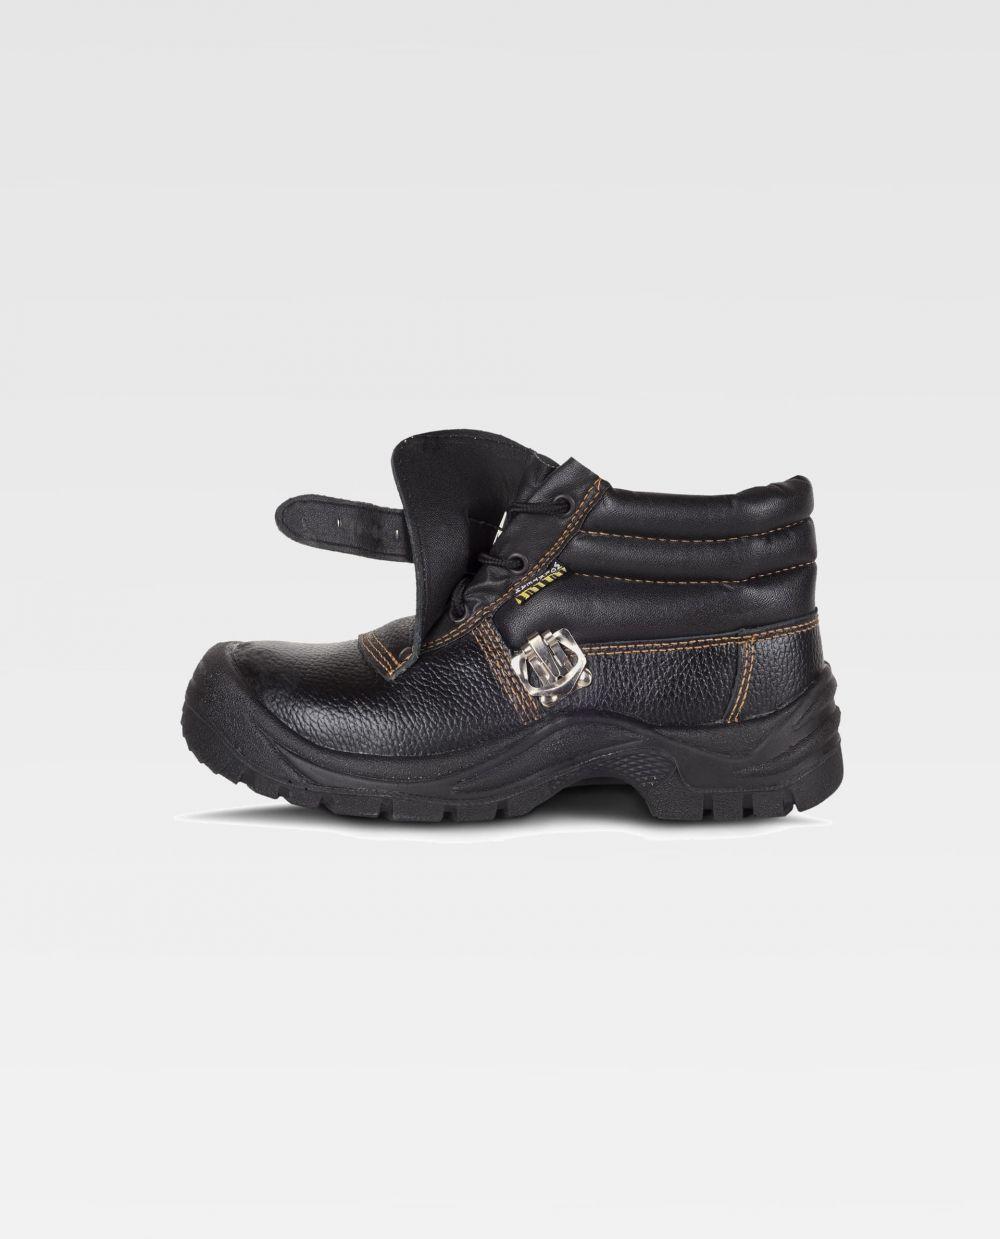 Zapatos de trabajo workteam bota p2101 de piel vista 1